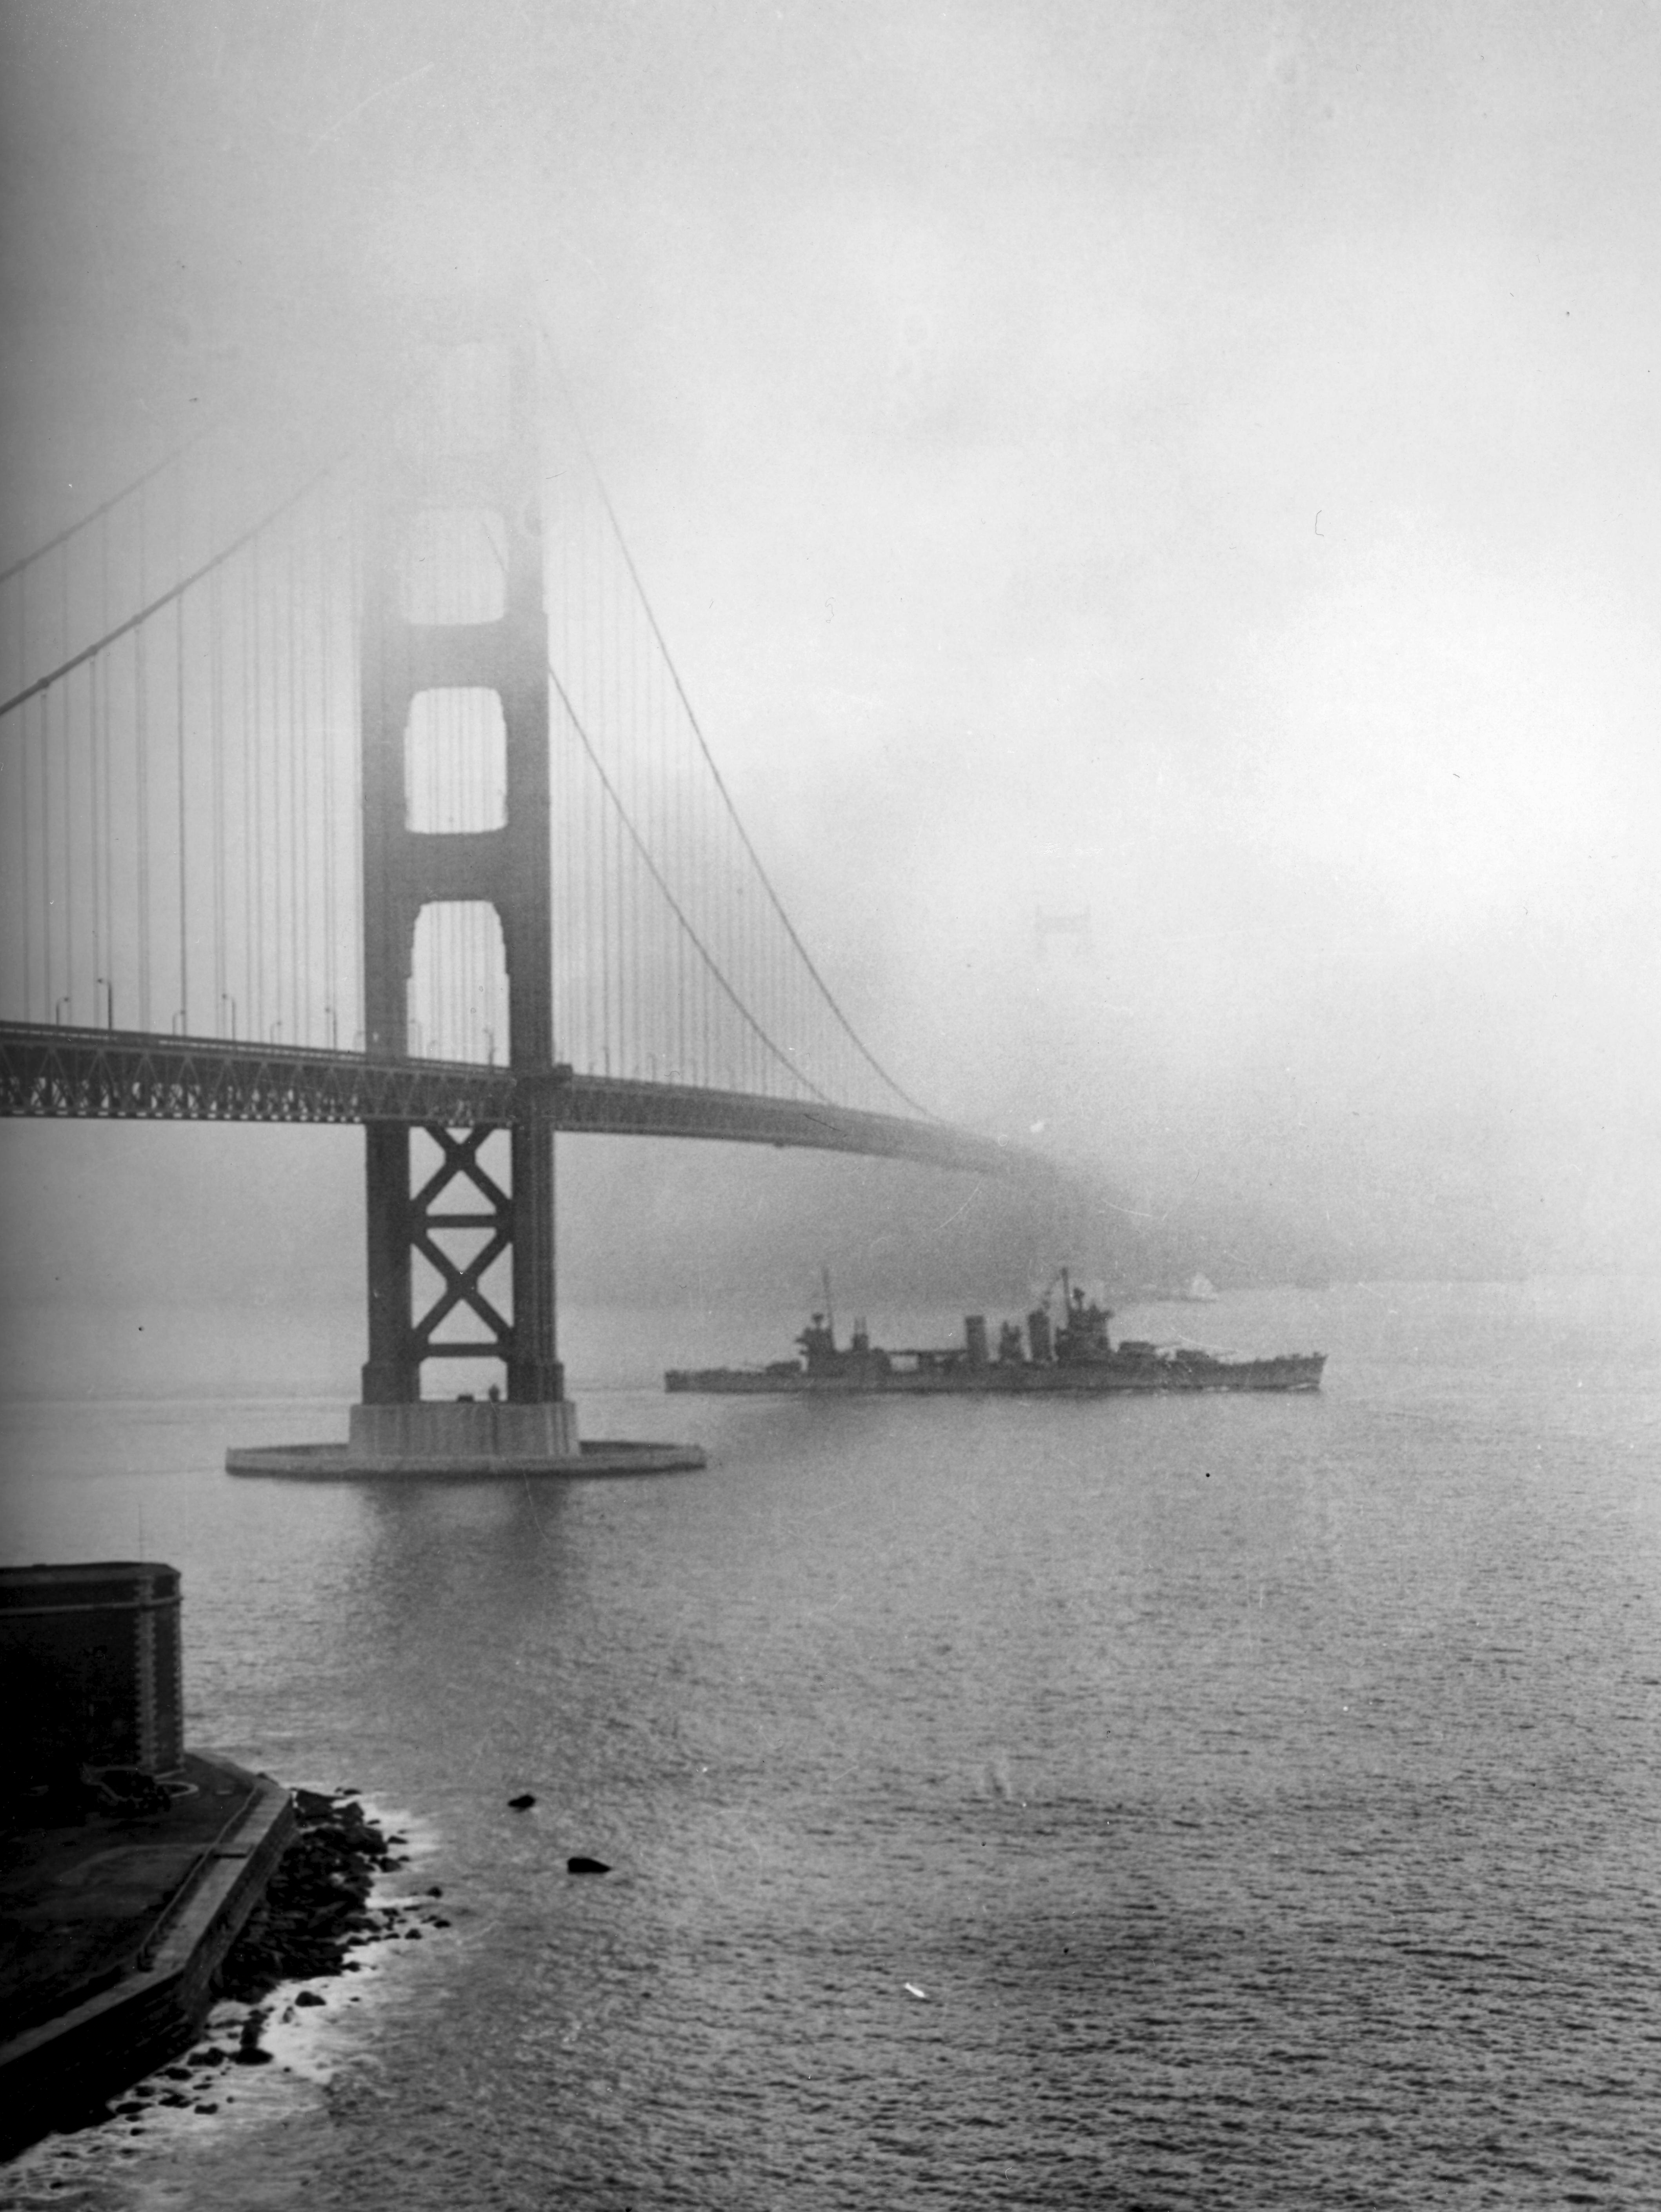 Imagen del puente de San Francisco en la época donde tiene marco la historia.